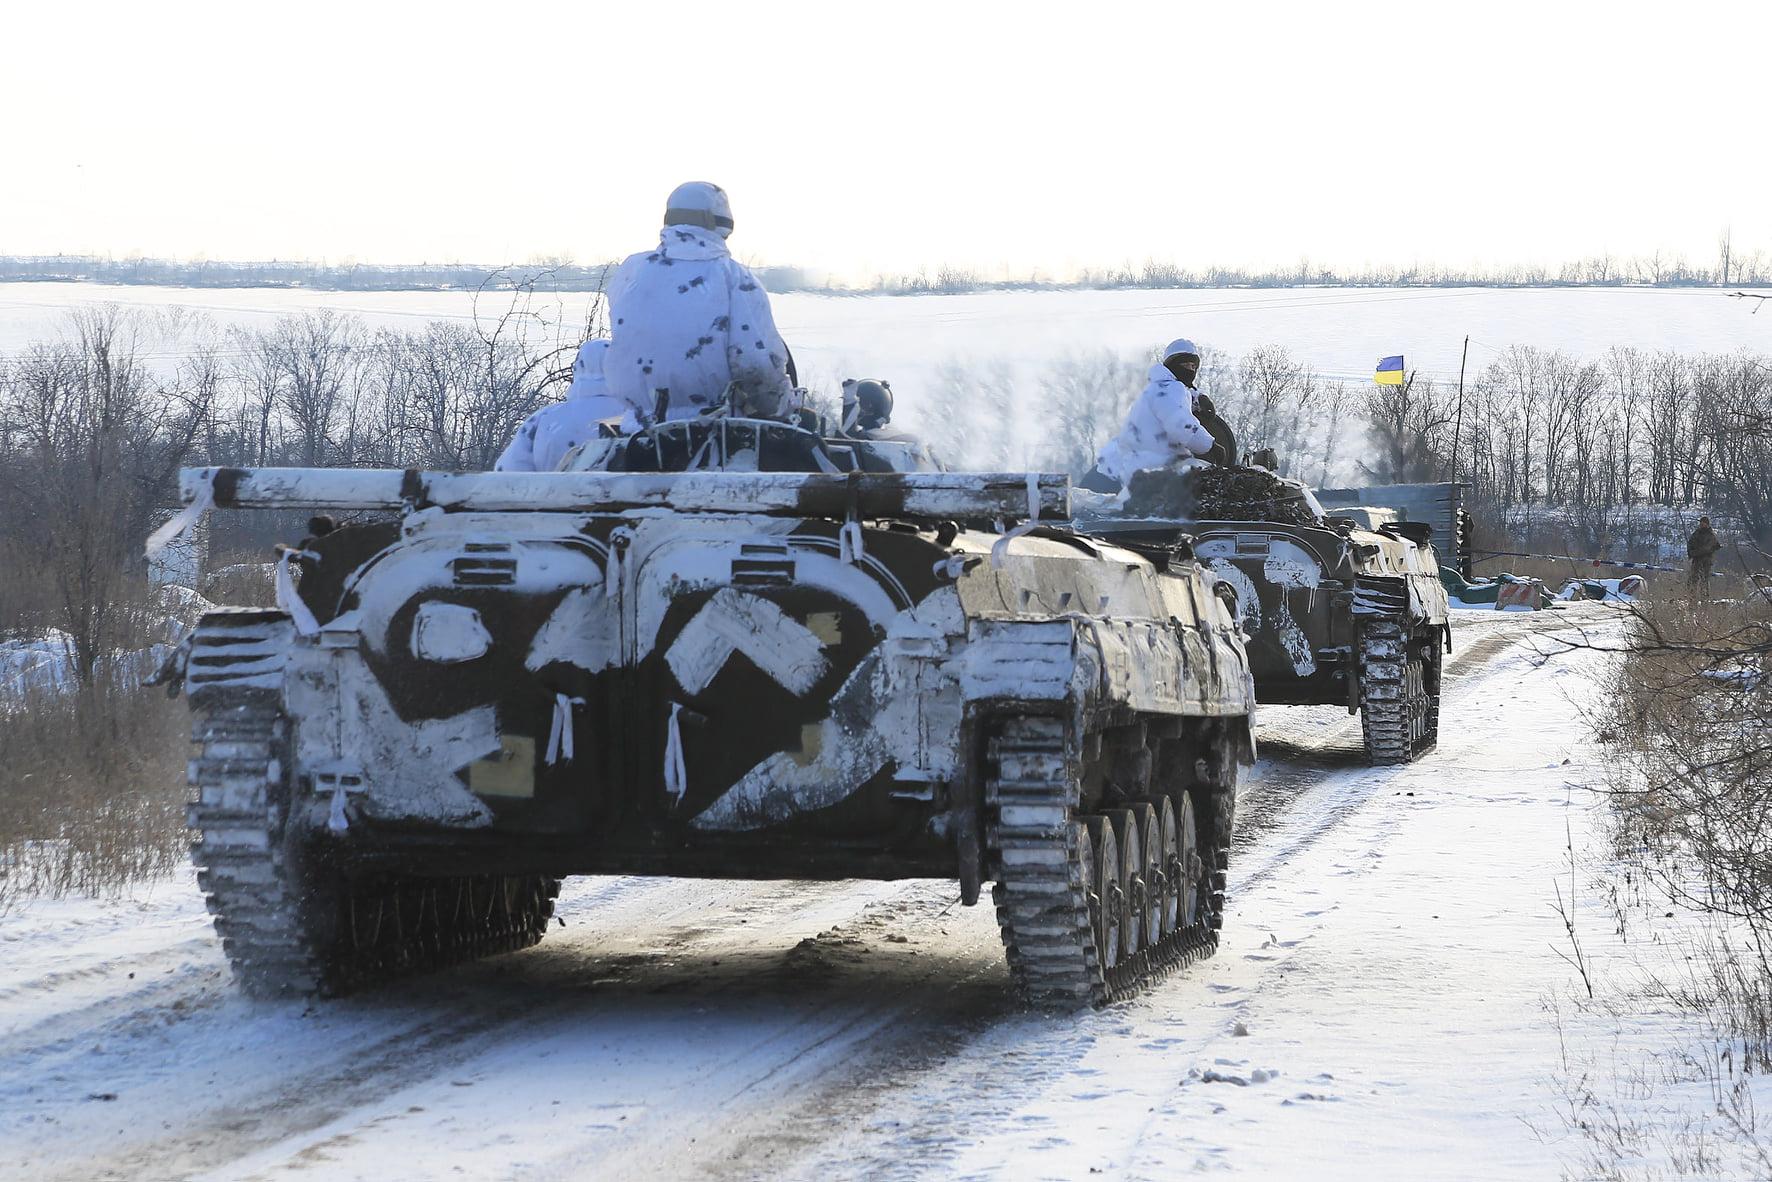 Неподалік Старогнатівки бойовики поранили українського воїна, – штаб ООС